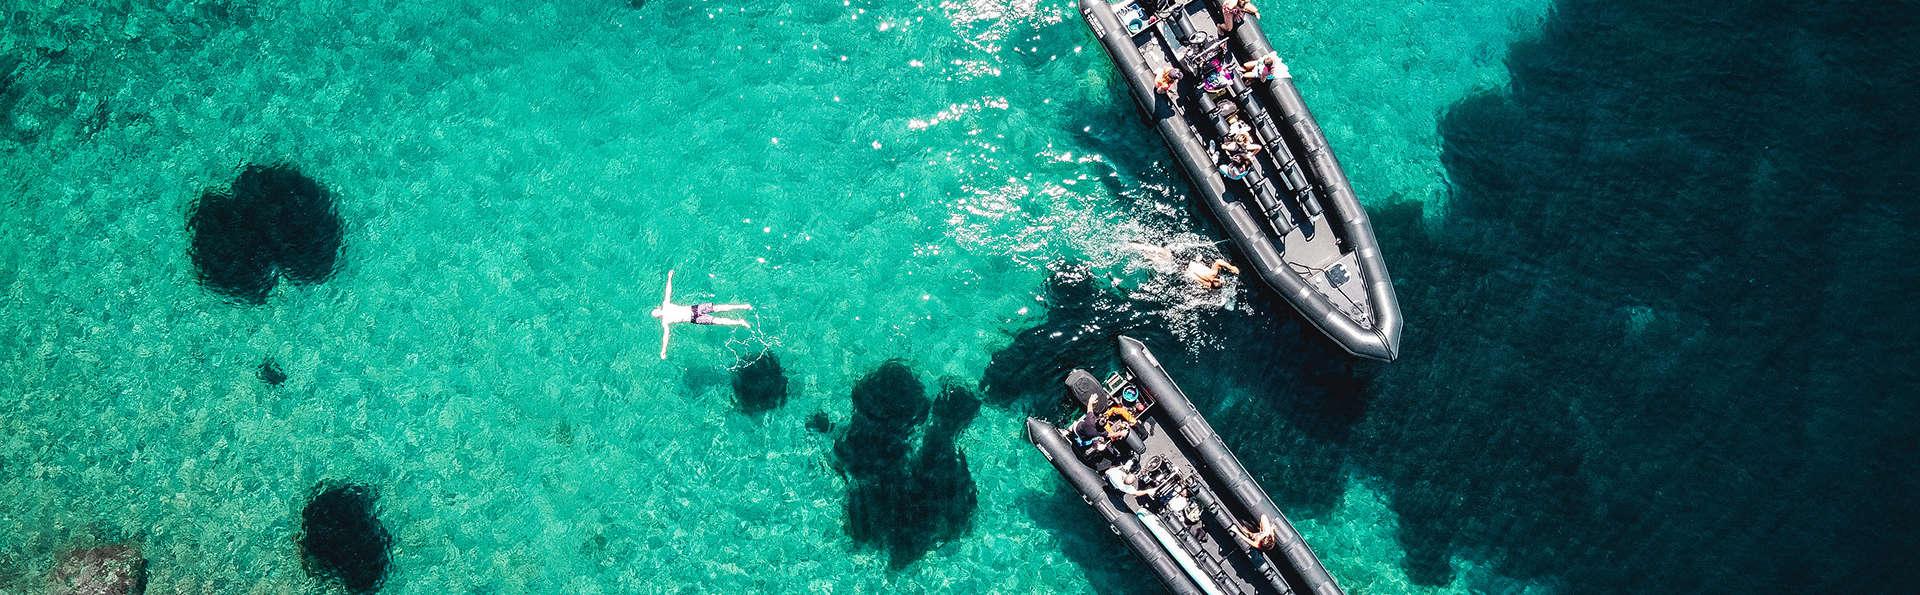 Séjour mémorable à Cannes avec excursion dans les calanques de l'Esterel et accès au spa